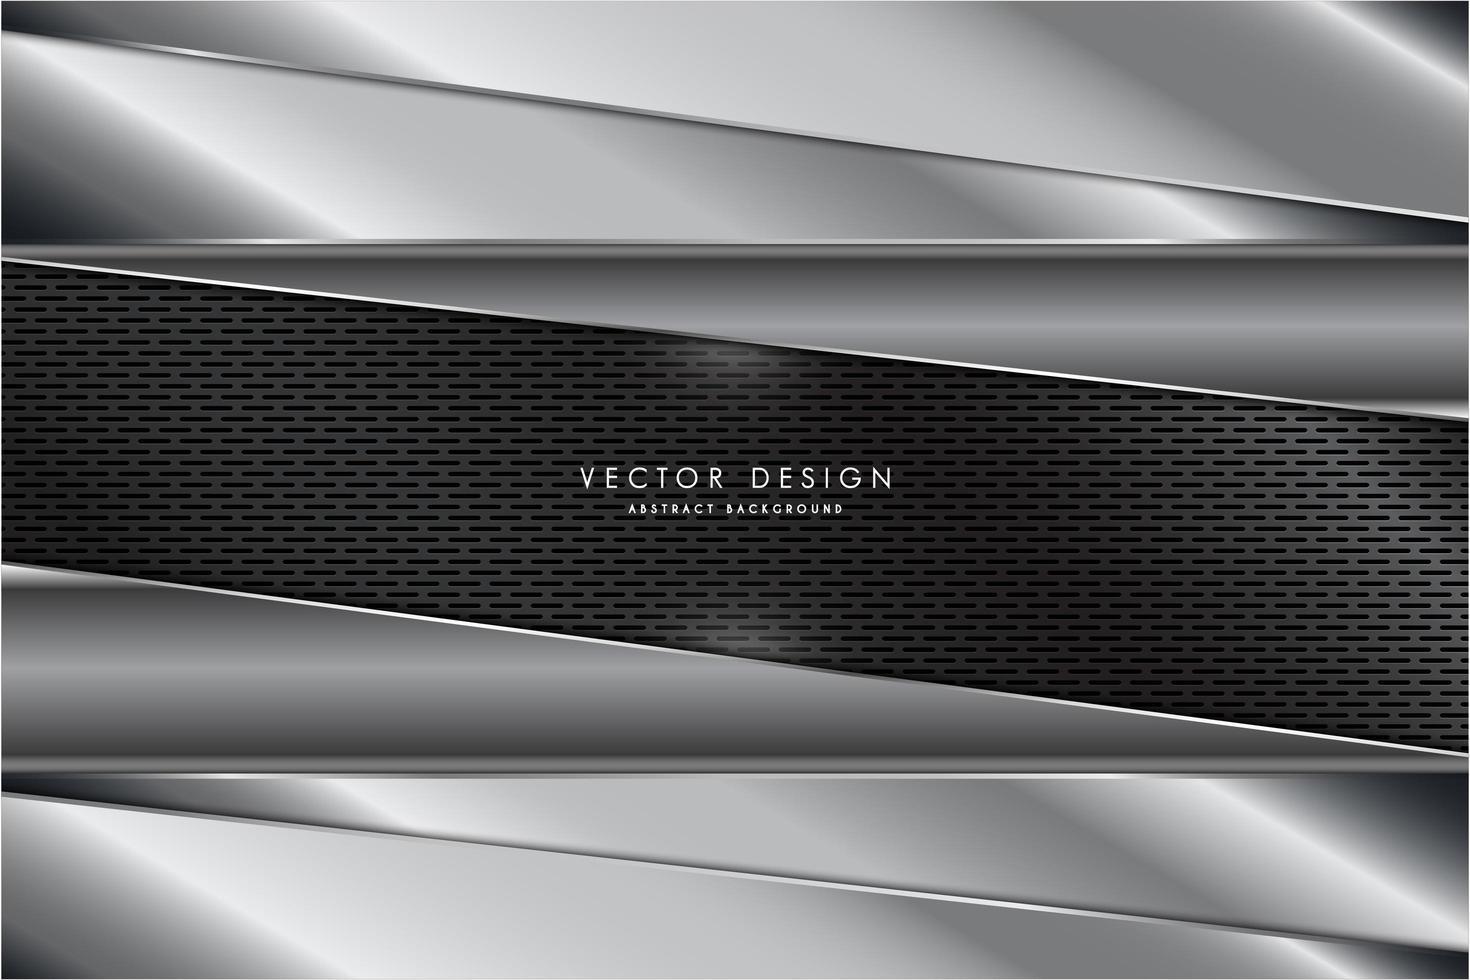 metallisch silber geschichtete Paneele über grauer Kohlefasertextur vektor